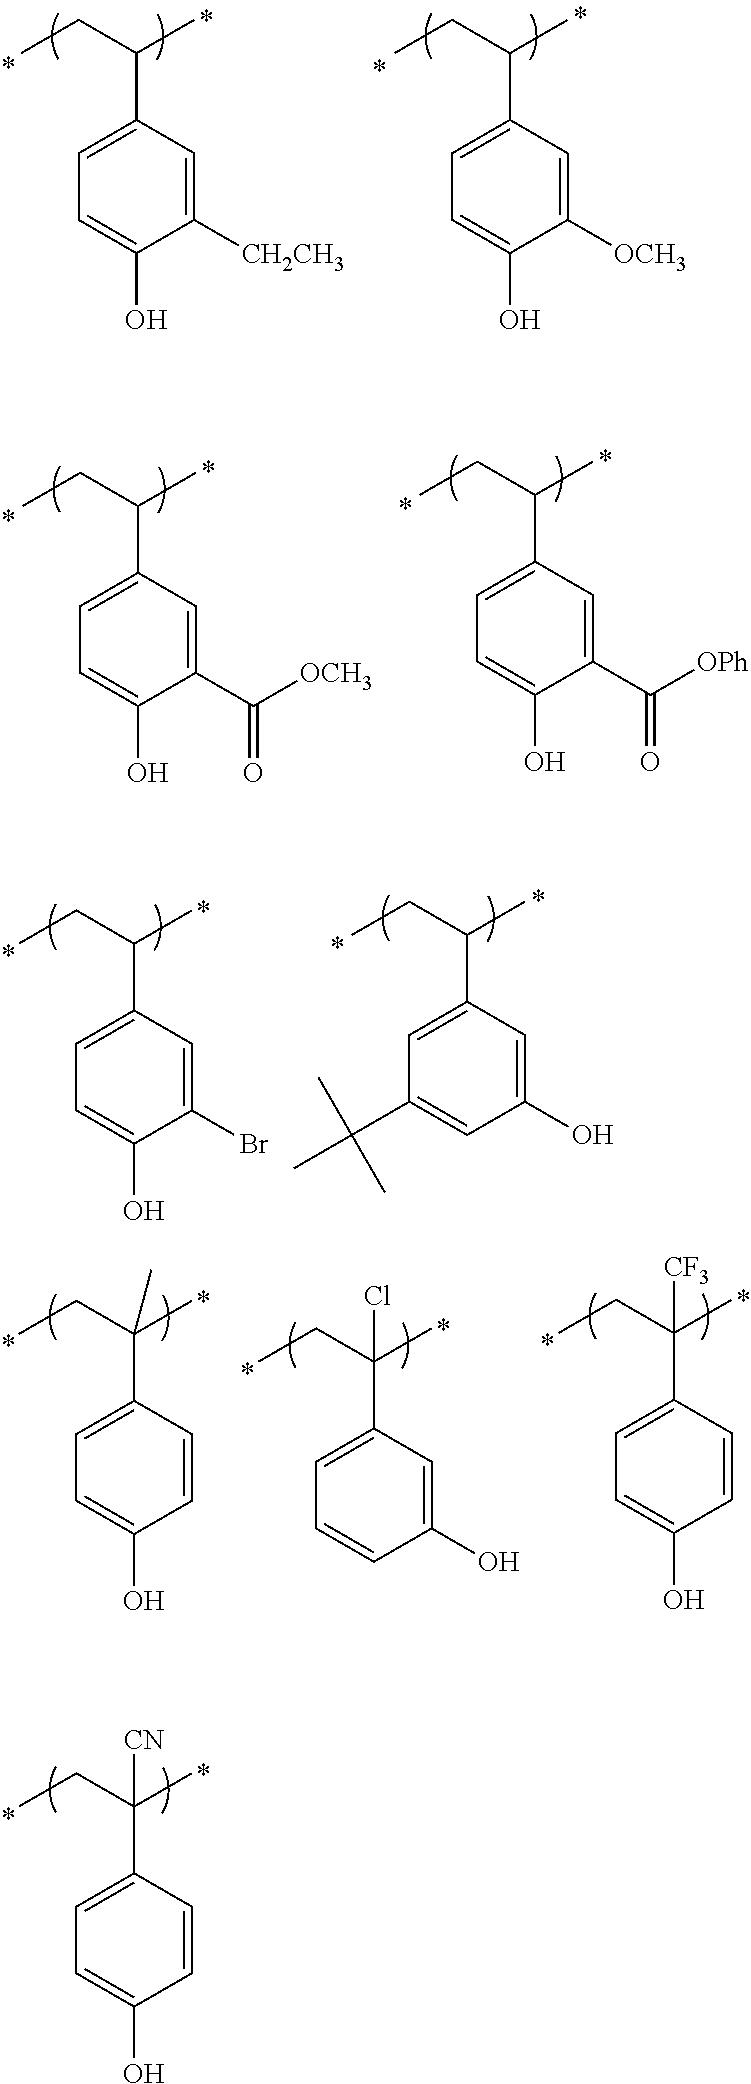 Figure US20110183258A1-20110728-C00058